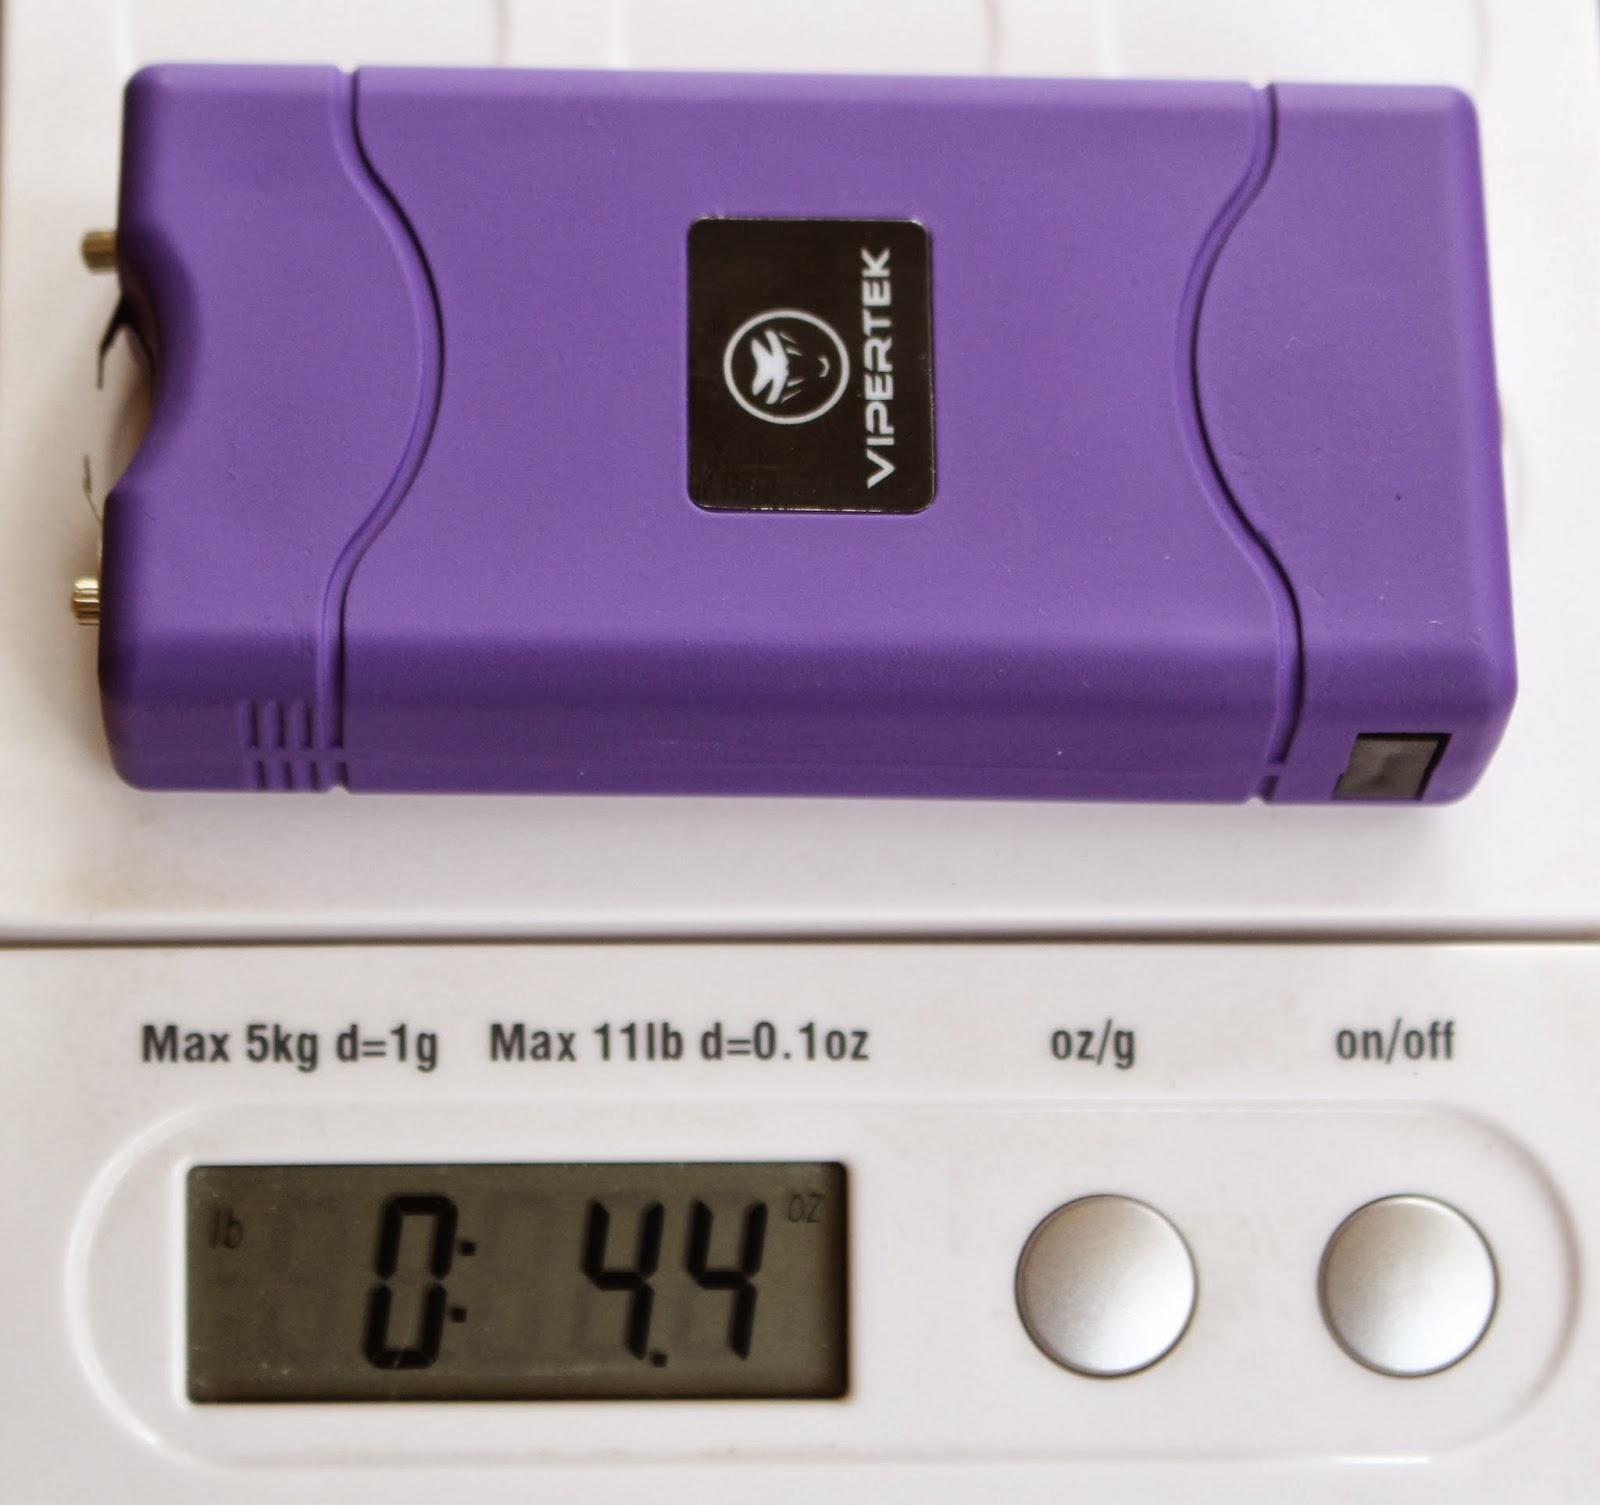 Vipertek VTS-880 On Scale